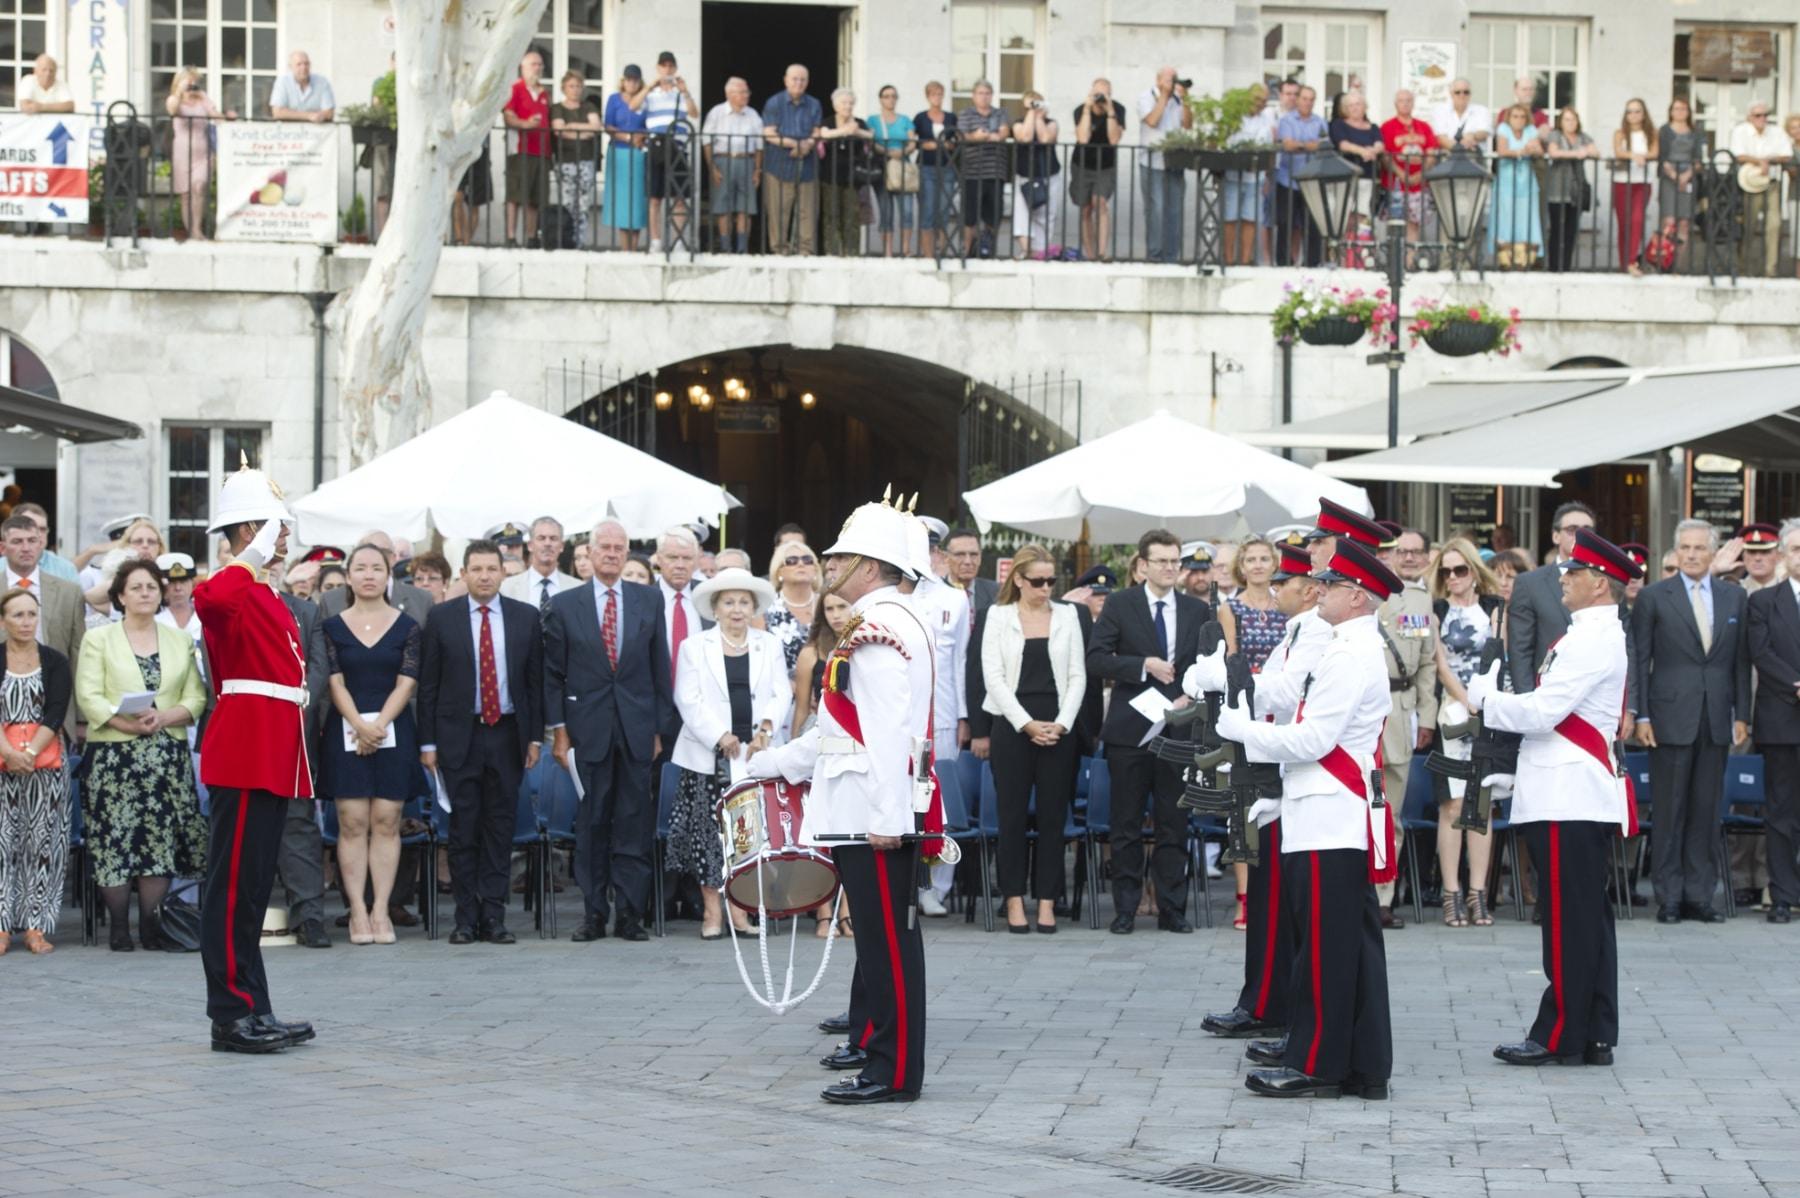 ceremonia-de-las-llaves-gibraltar-25092014-19_15171158110_o